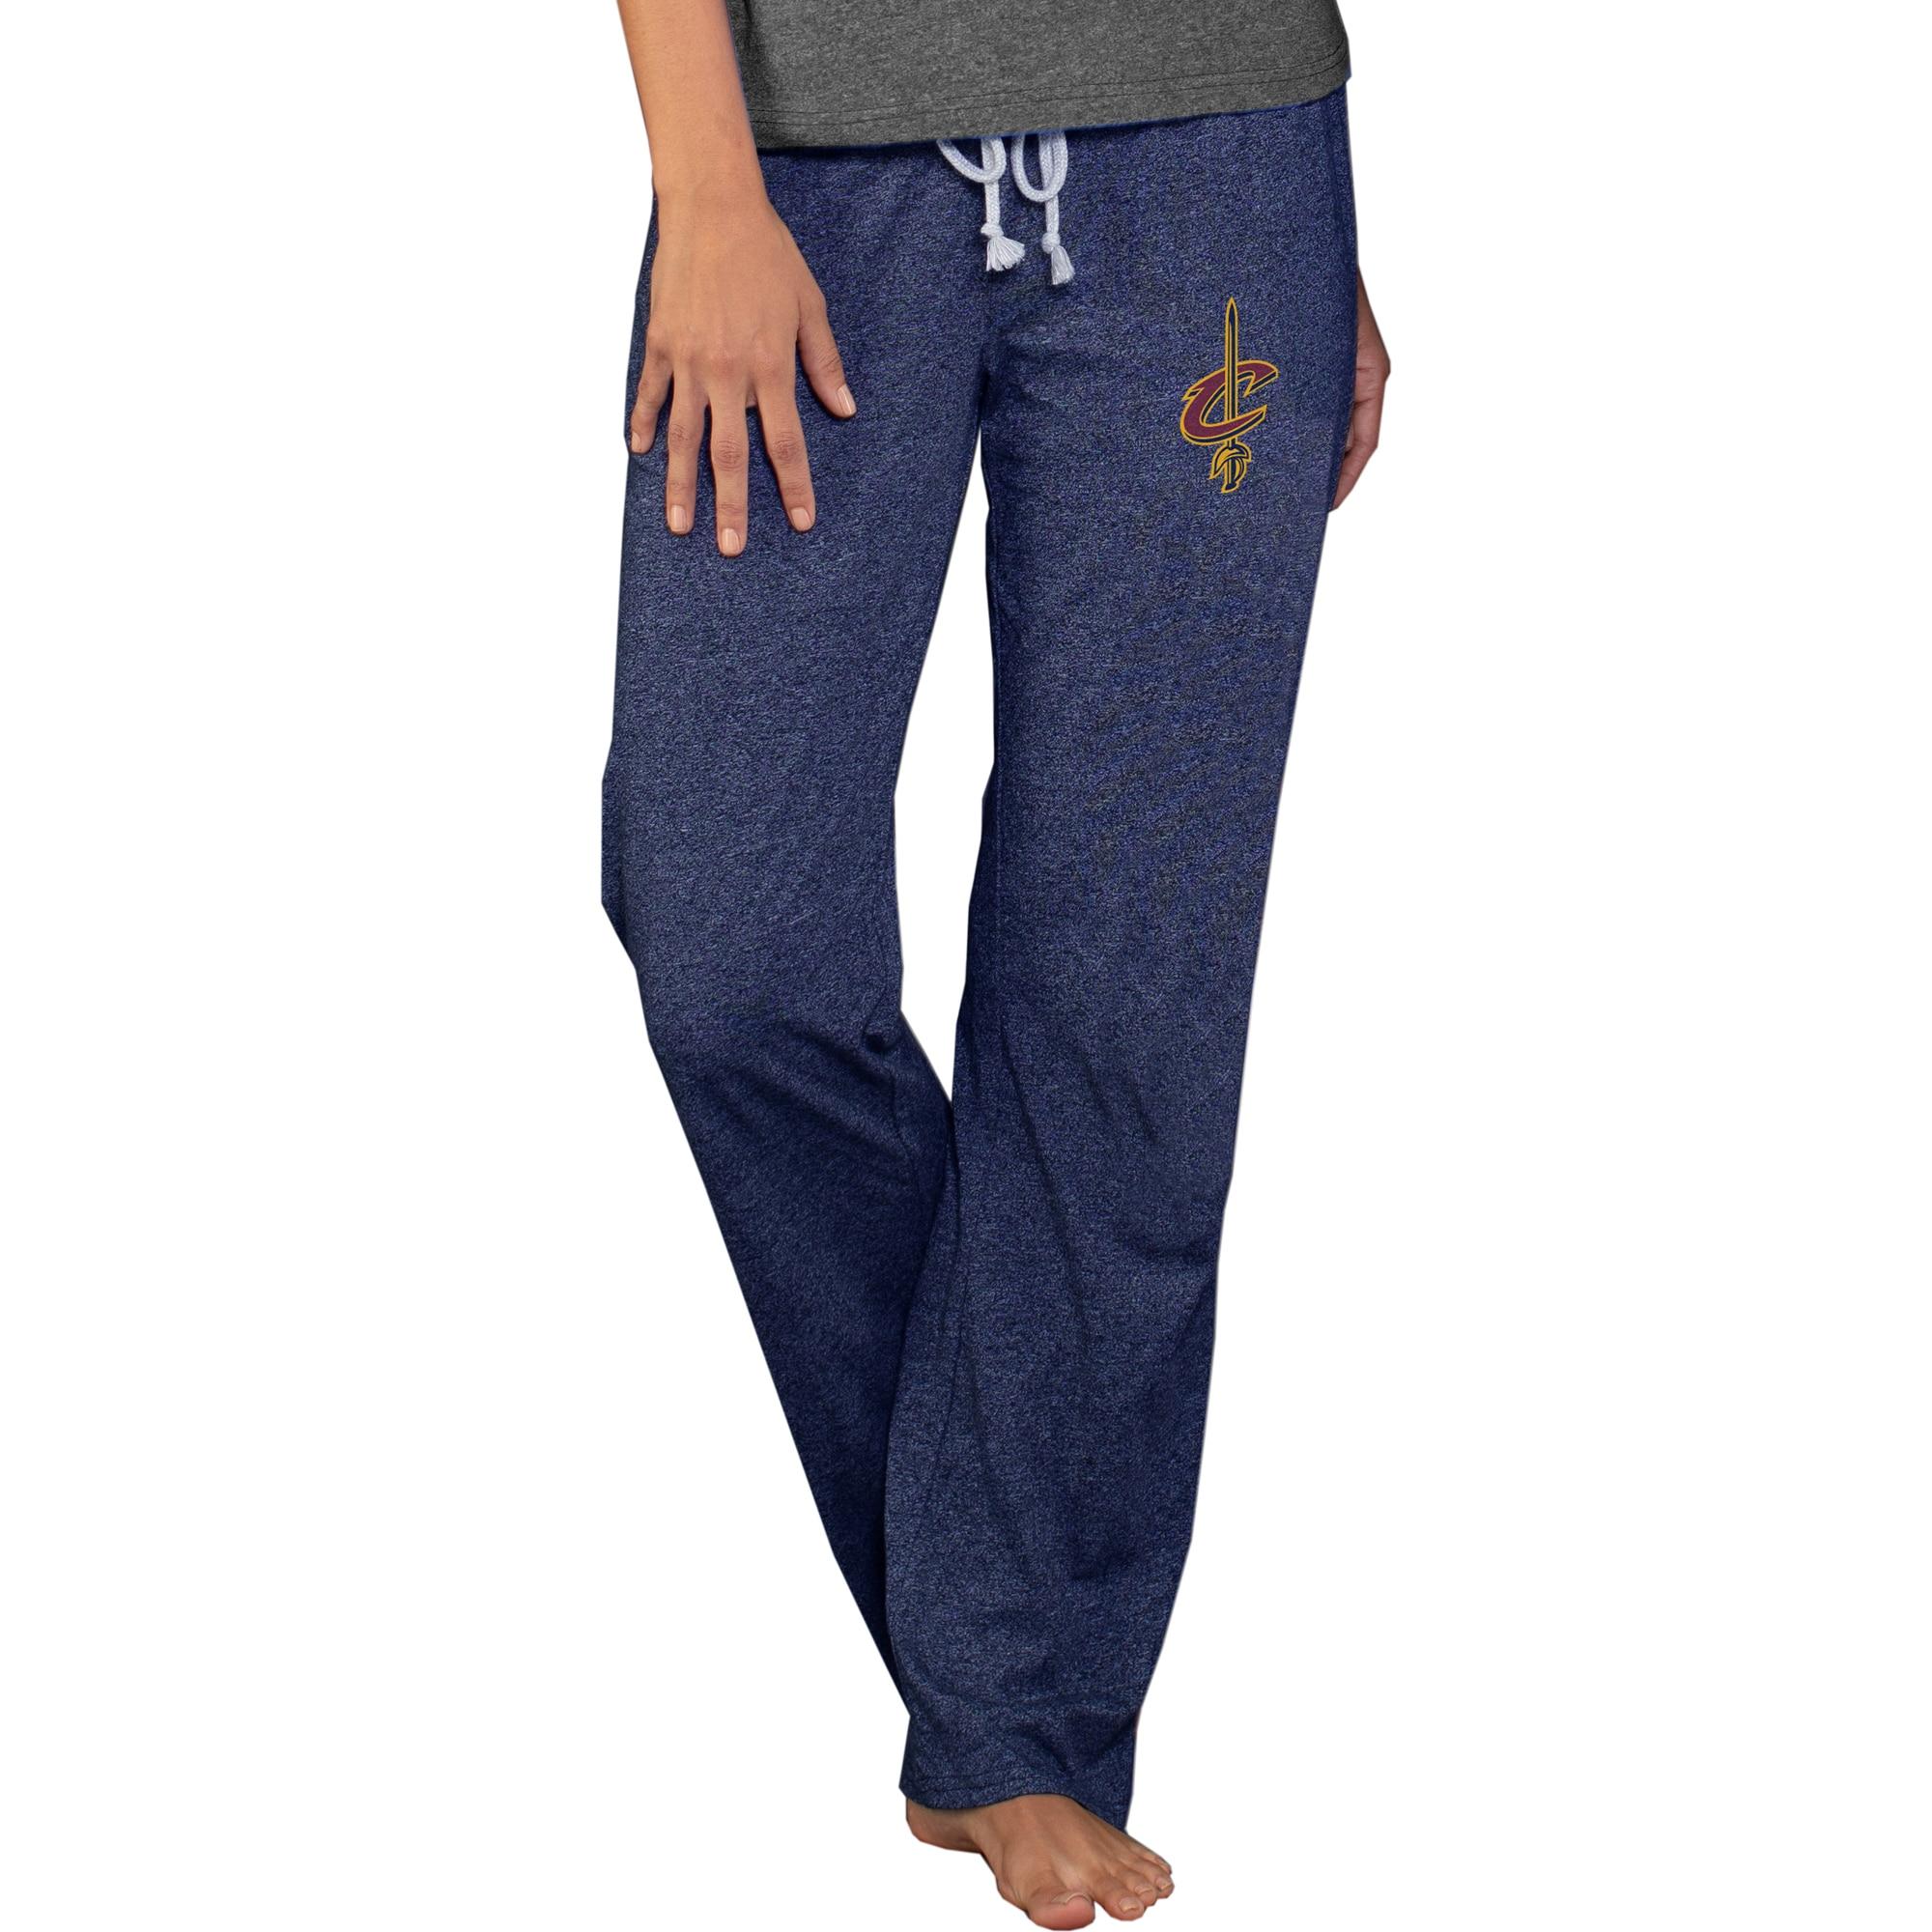 Cleveland Cavaliers Concepts Sport Women's Quest Knit Pants - Navy